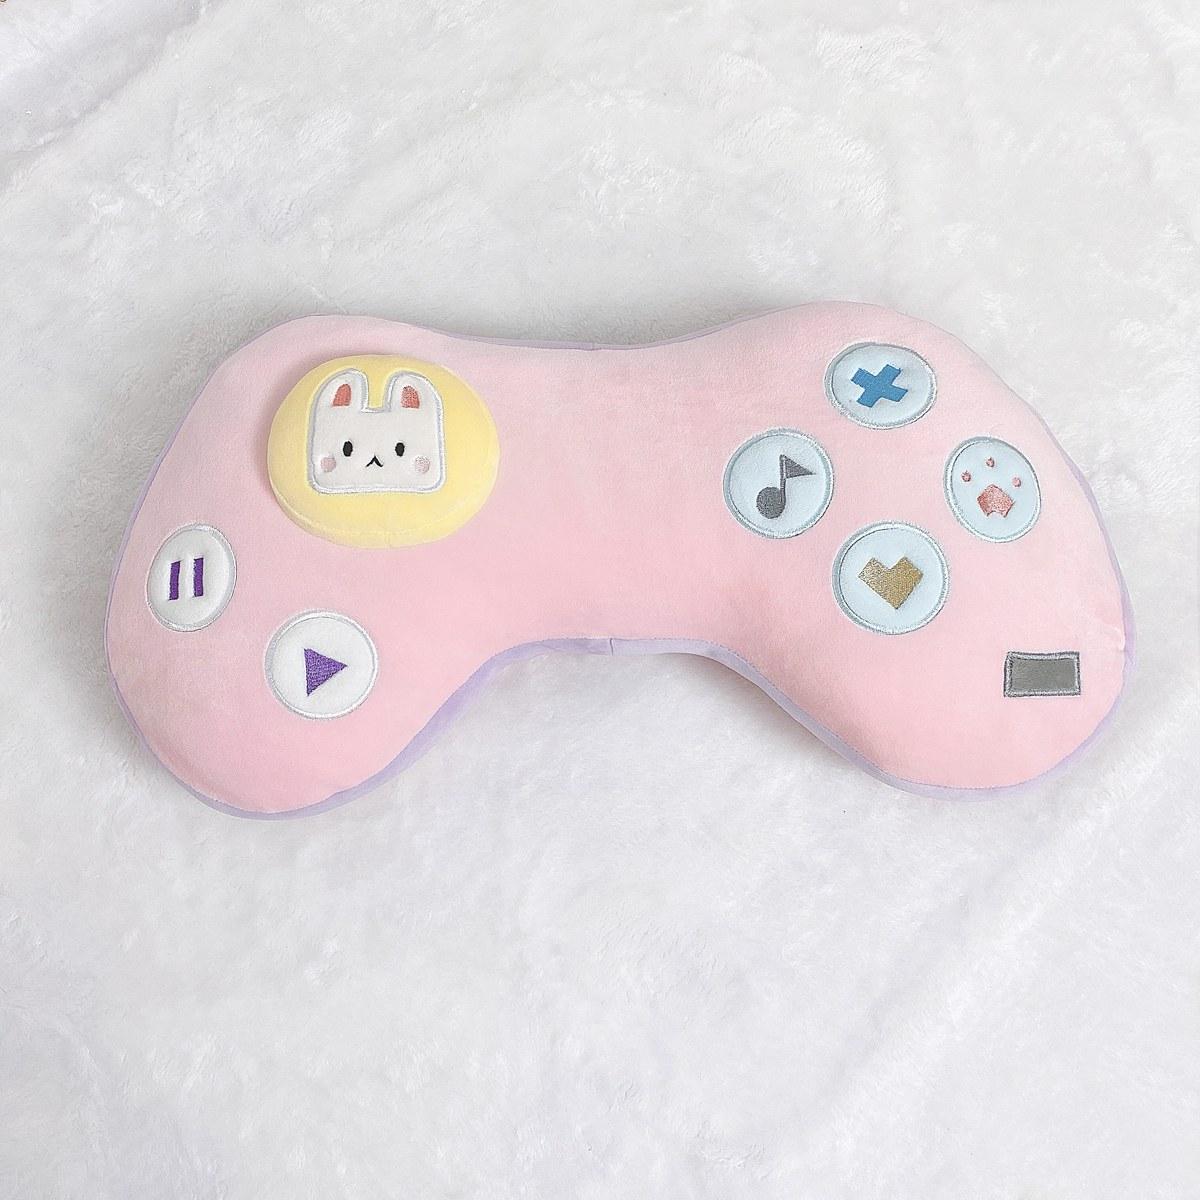 Kawaii Game Console Controller Pillow Plush 8